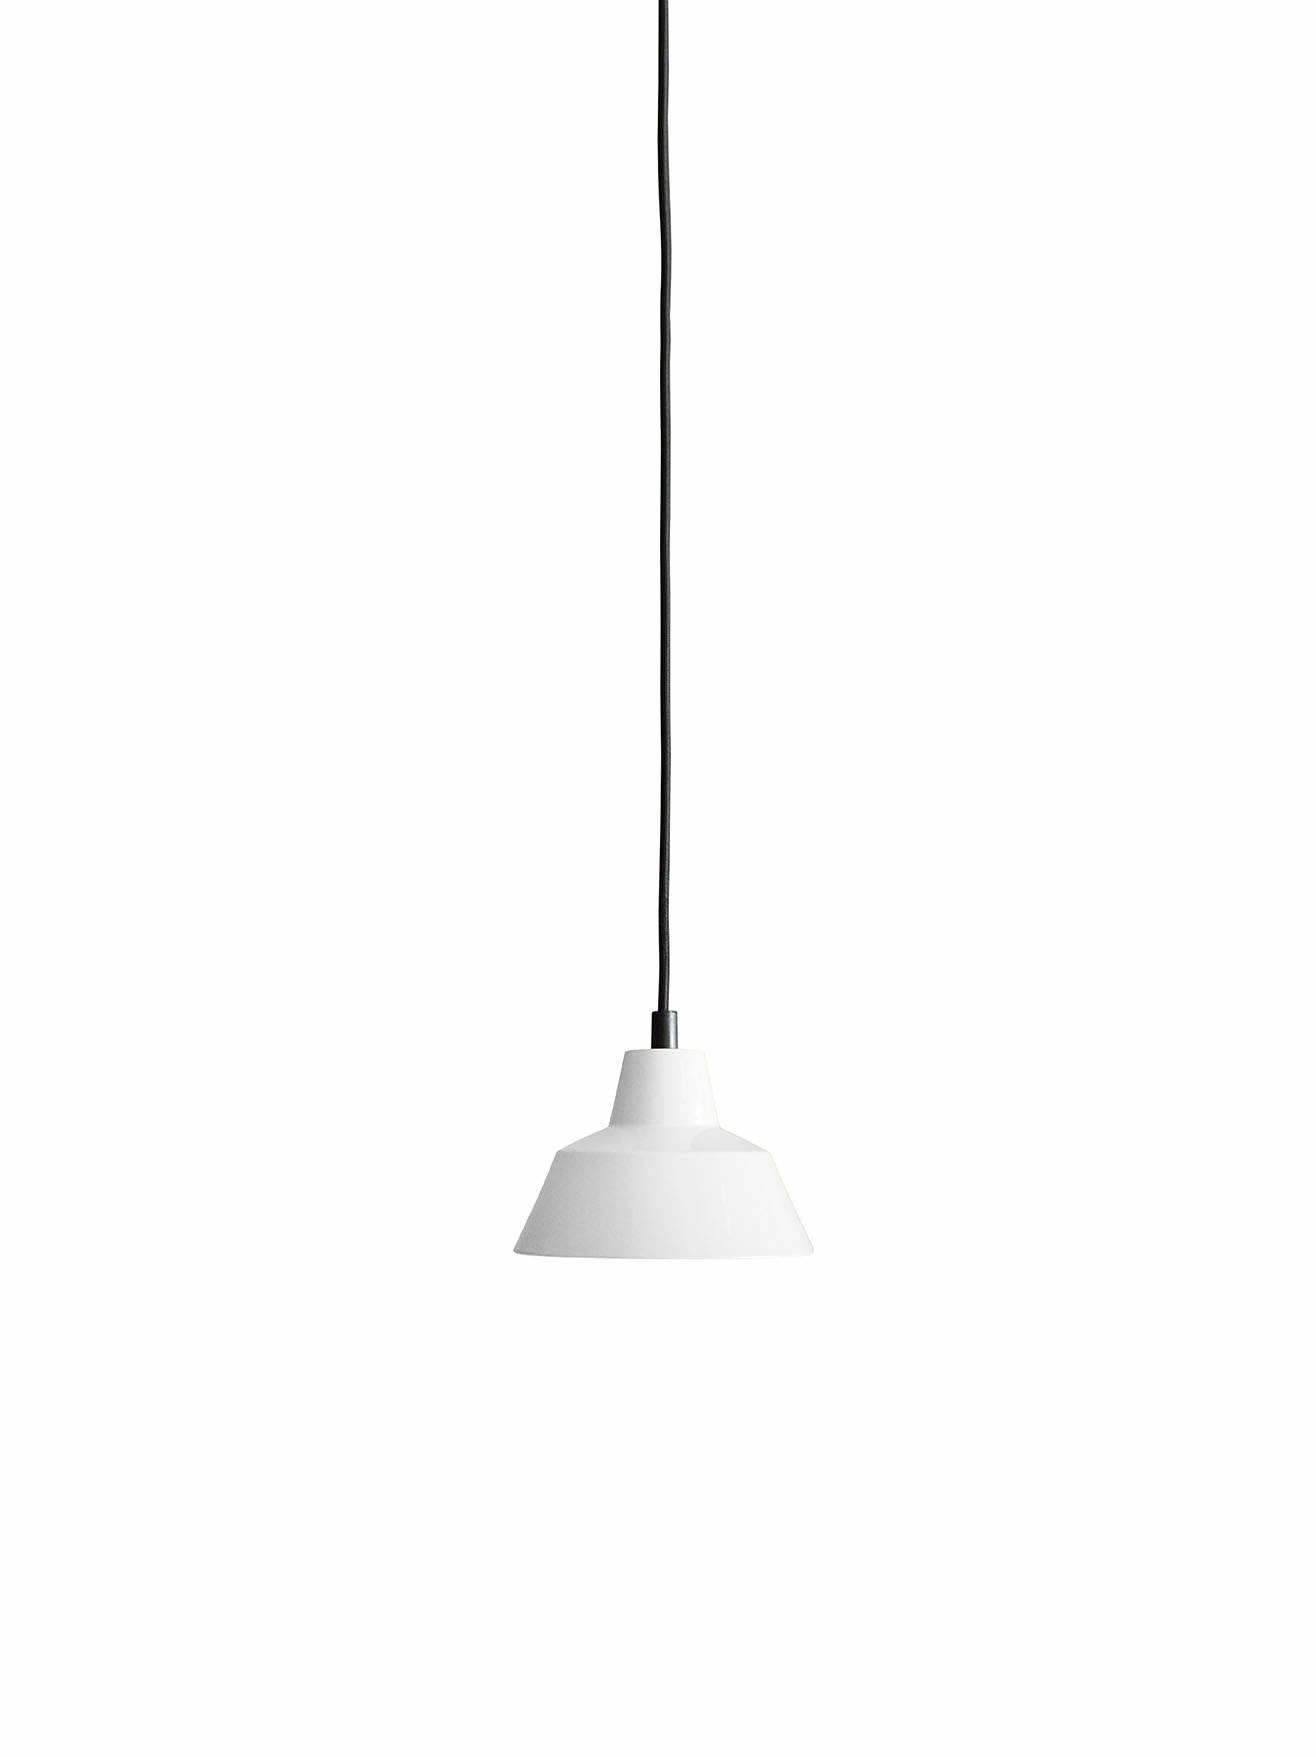 Et stykke dansk design historie fra Wedel Madsen. Med det solide og lidt industrielle look passer den særligt godt til en rå og minimalistisk indretning. Og så giver den godt lys! Flot hvid farve